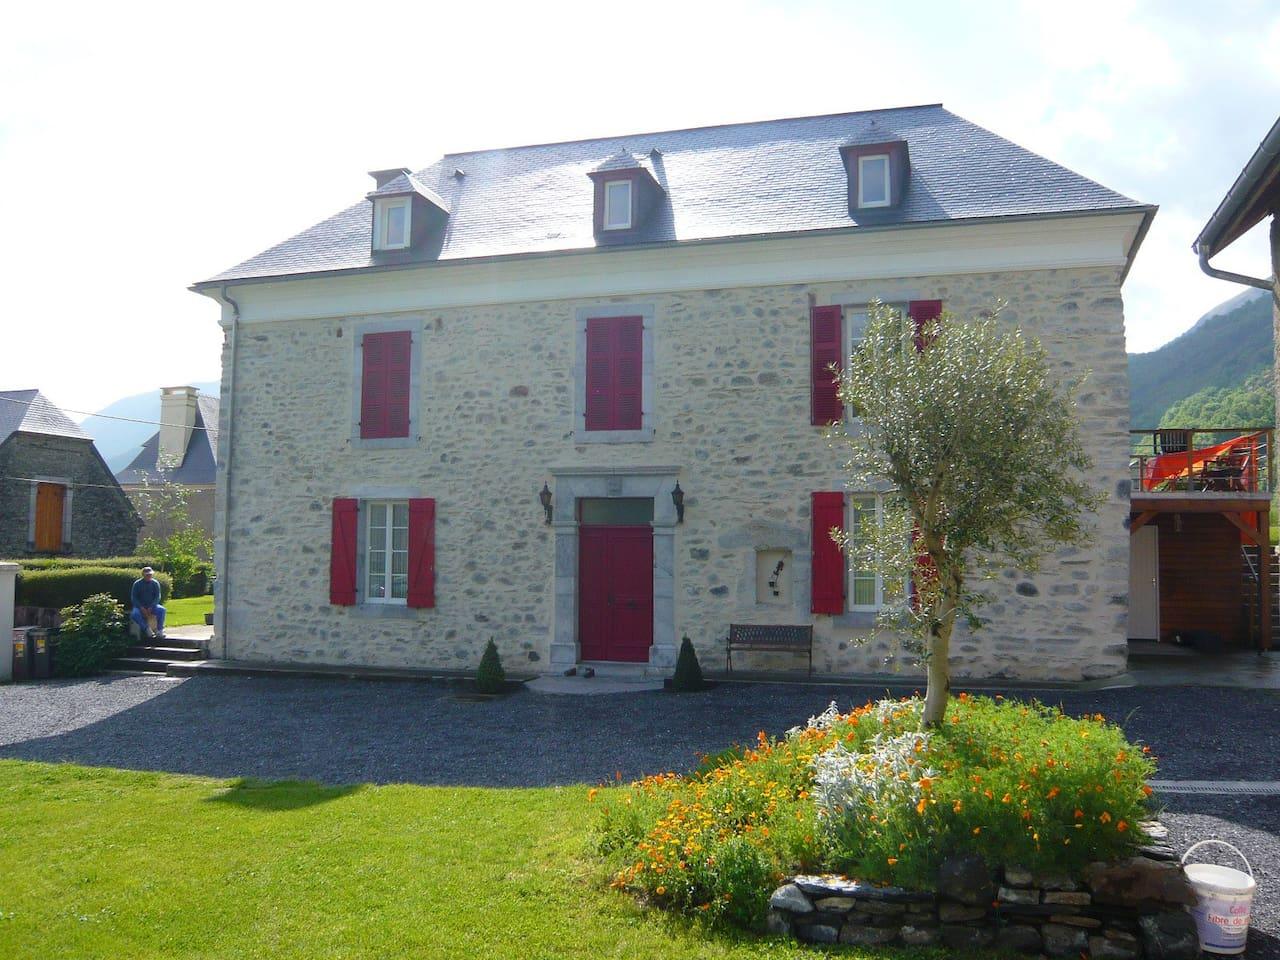 Habitation pour 5/7 personnes dans une belle maison bigourdane